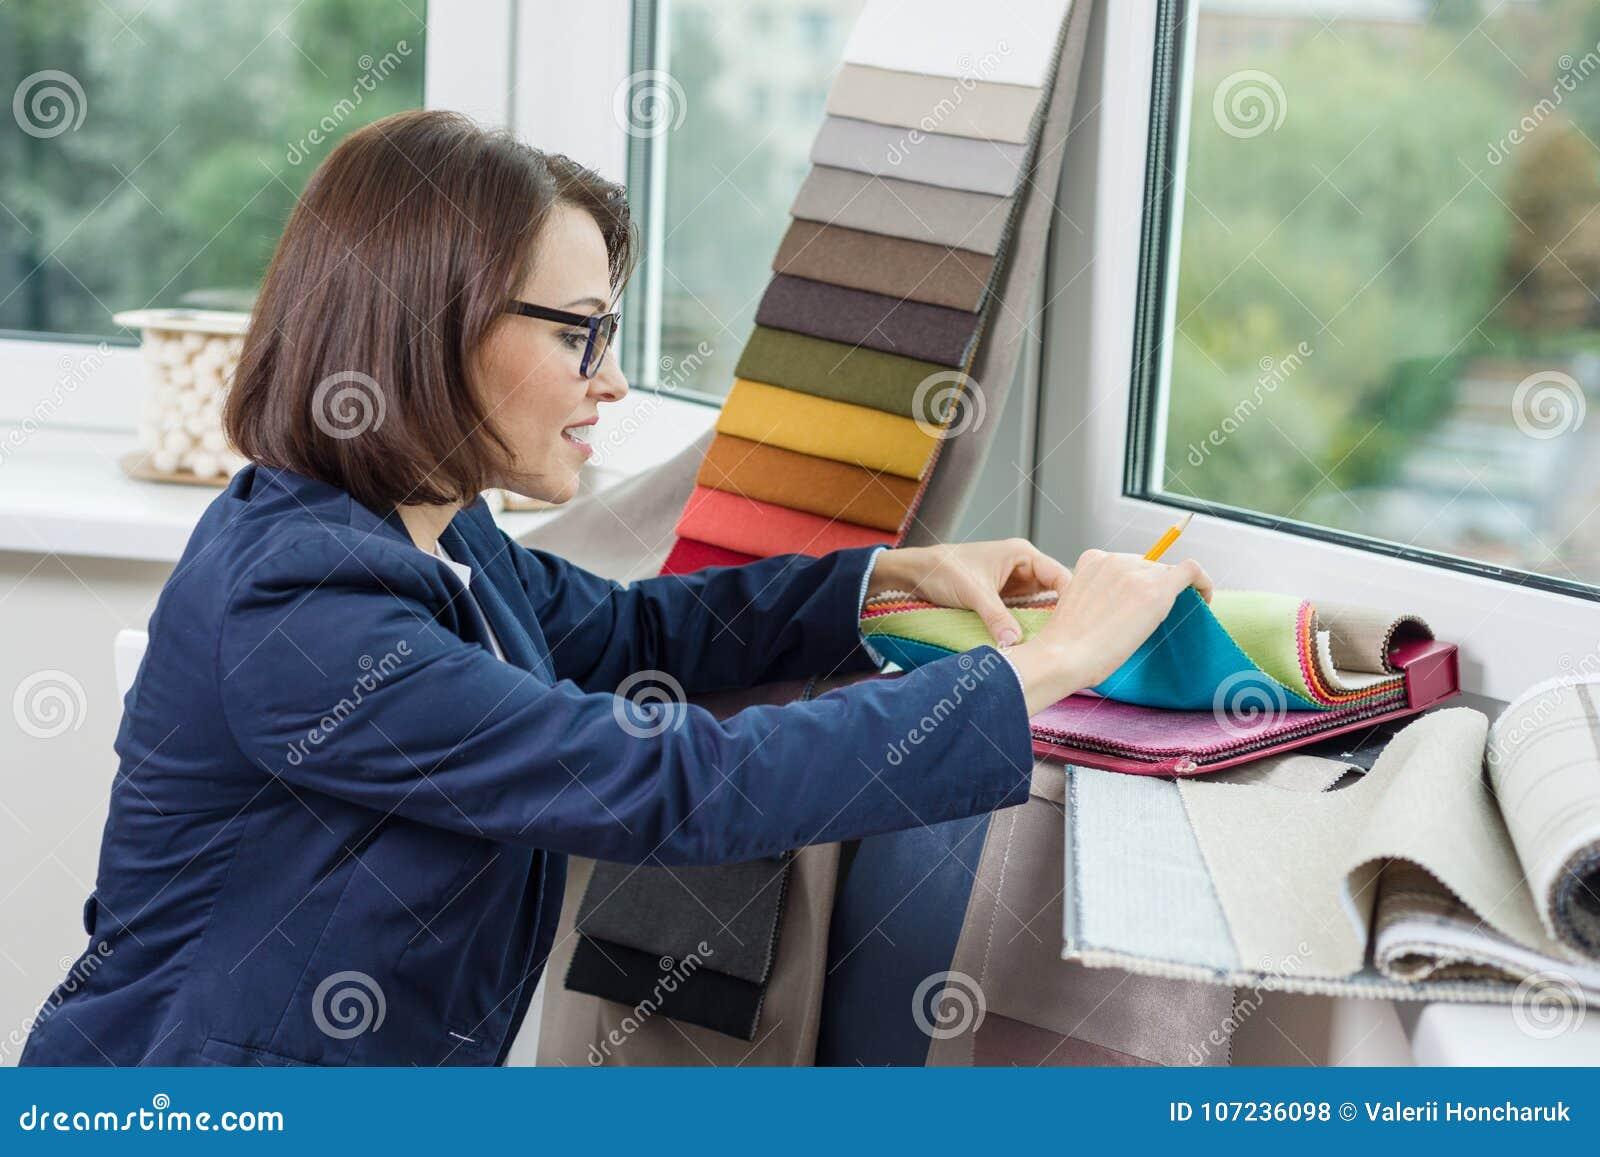 Dessinateur d intérieurs de femme, travaux avec des échantillons de tissus pour des rideaux et abat-jour